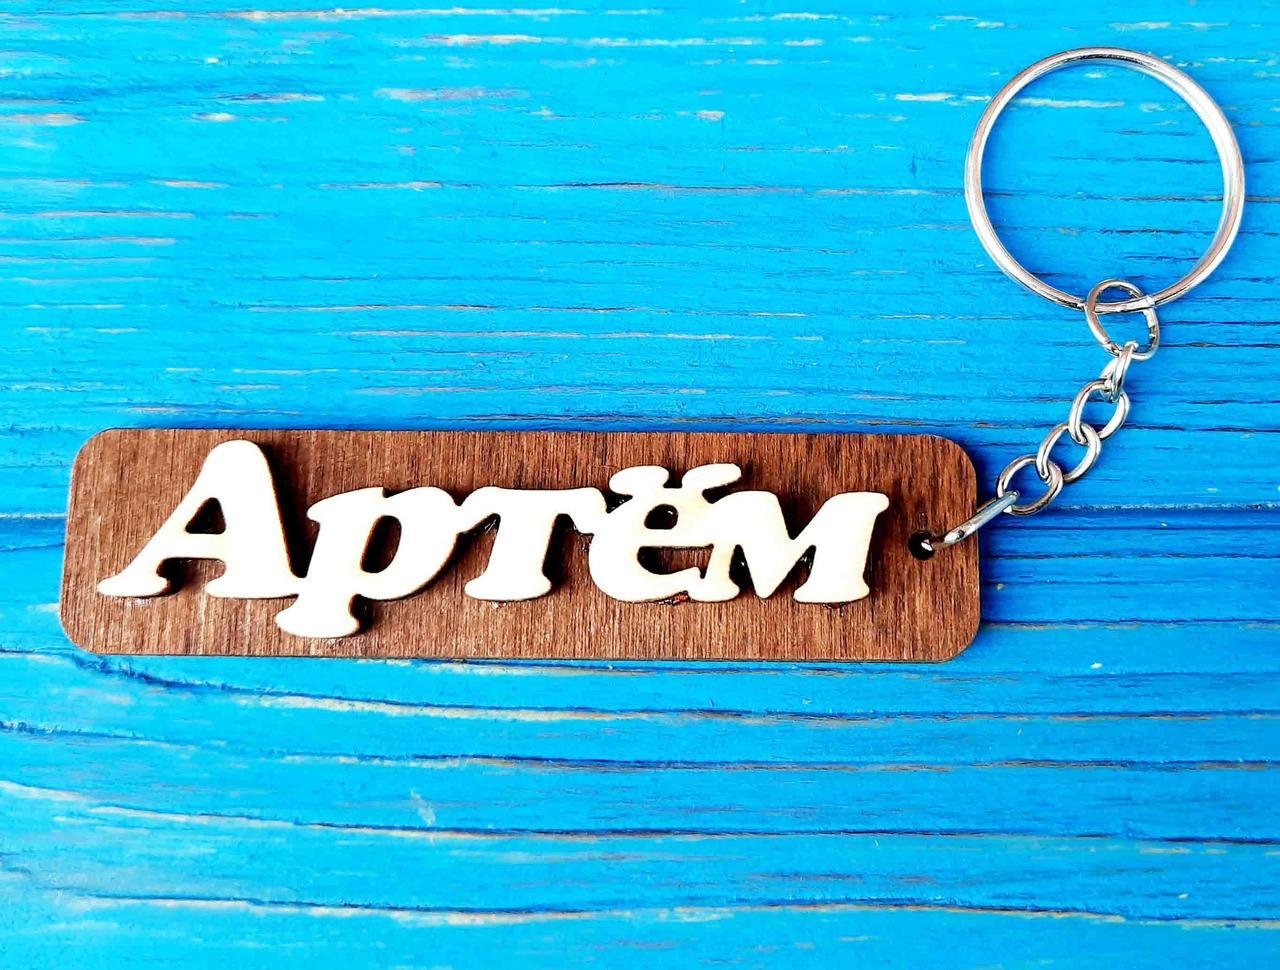 Брелок именной Артём. Брелок с именем Артём. Брелок деревянный. Брелок для ключей. Брелоки с именами